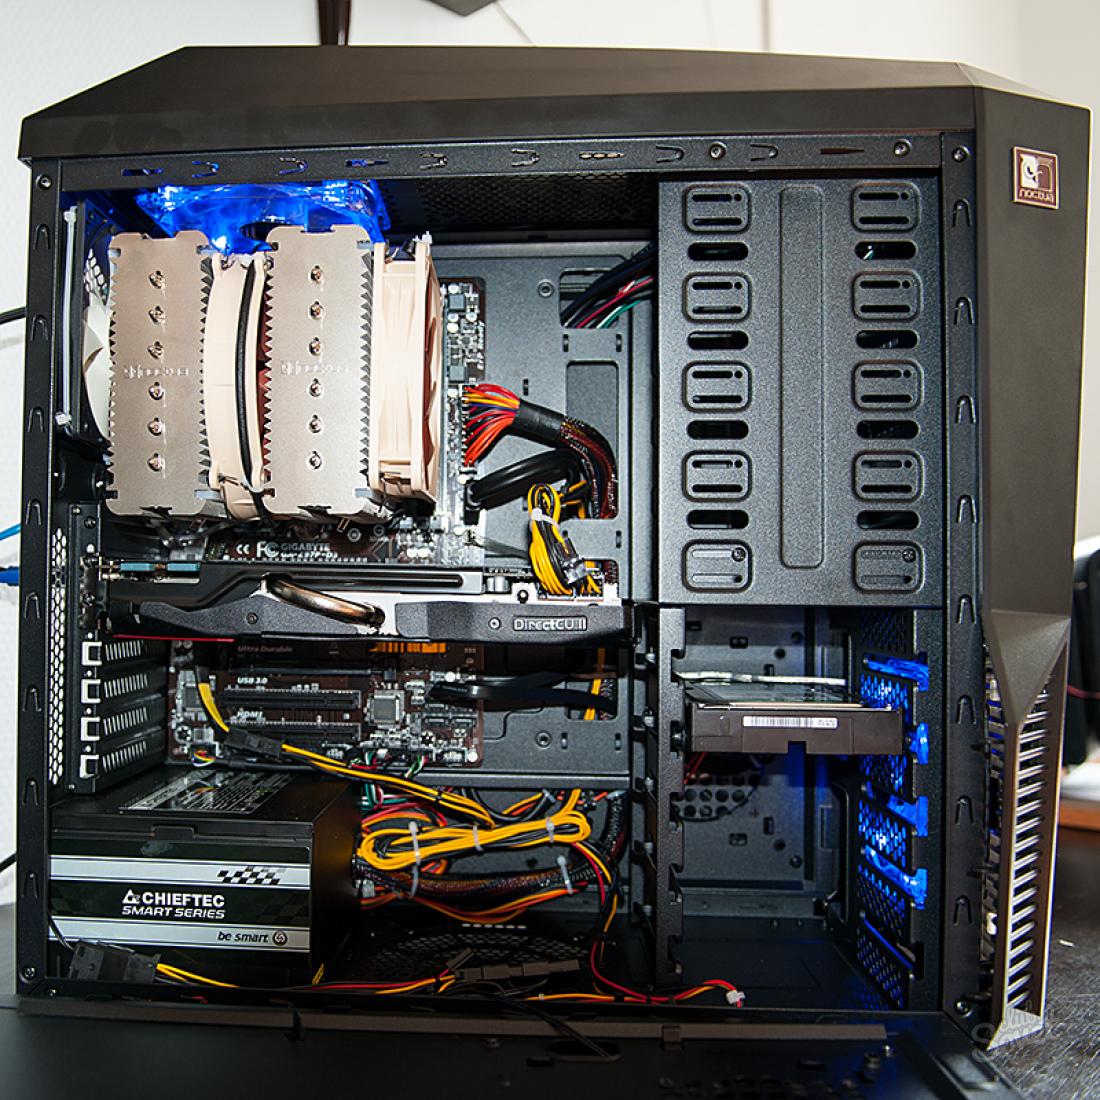 Цена компьютера собранного своими руками 87